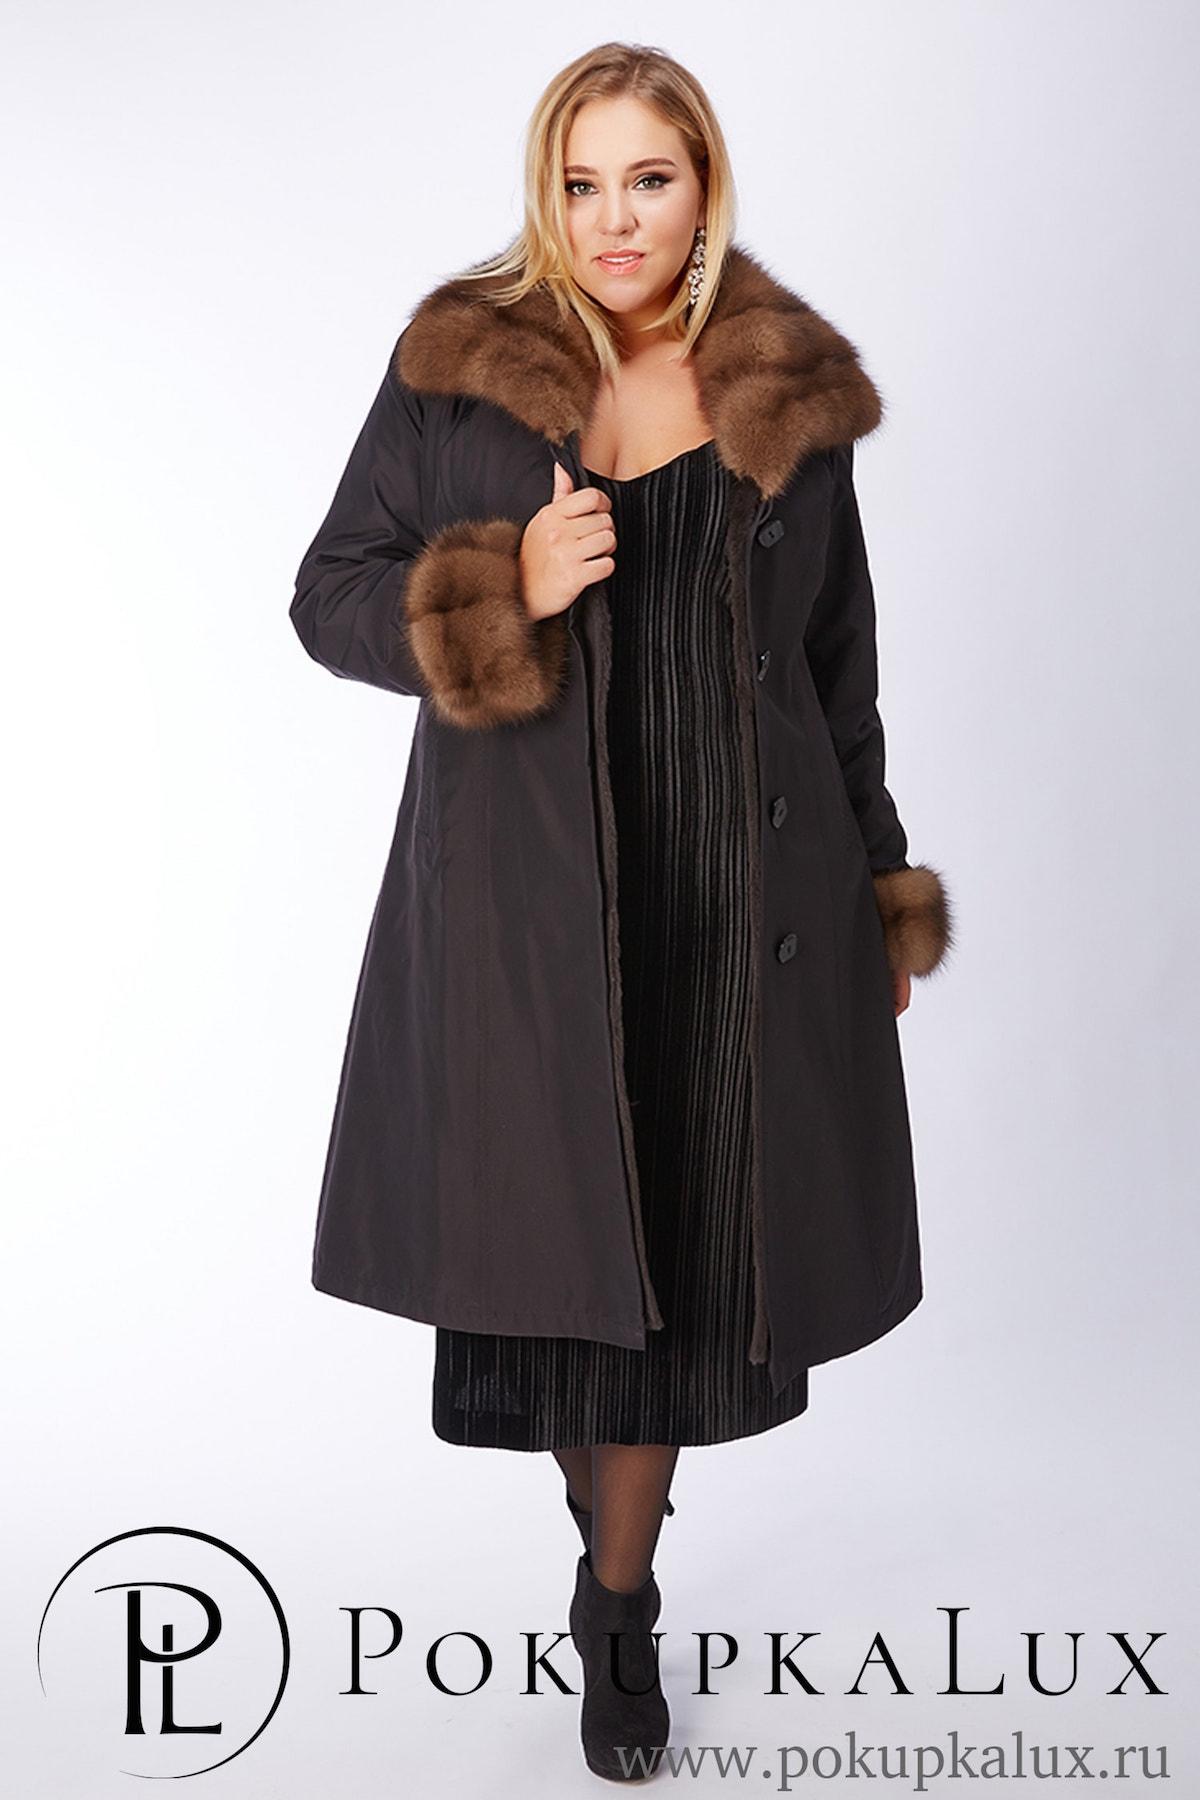 a2485ae03c0 Модное женское пальто на меховом подкладе